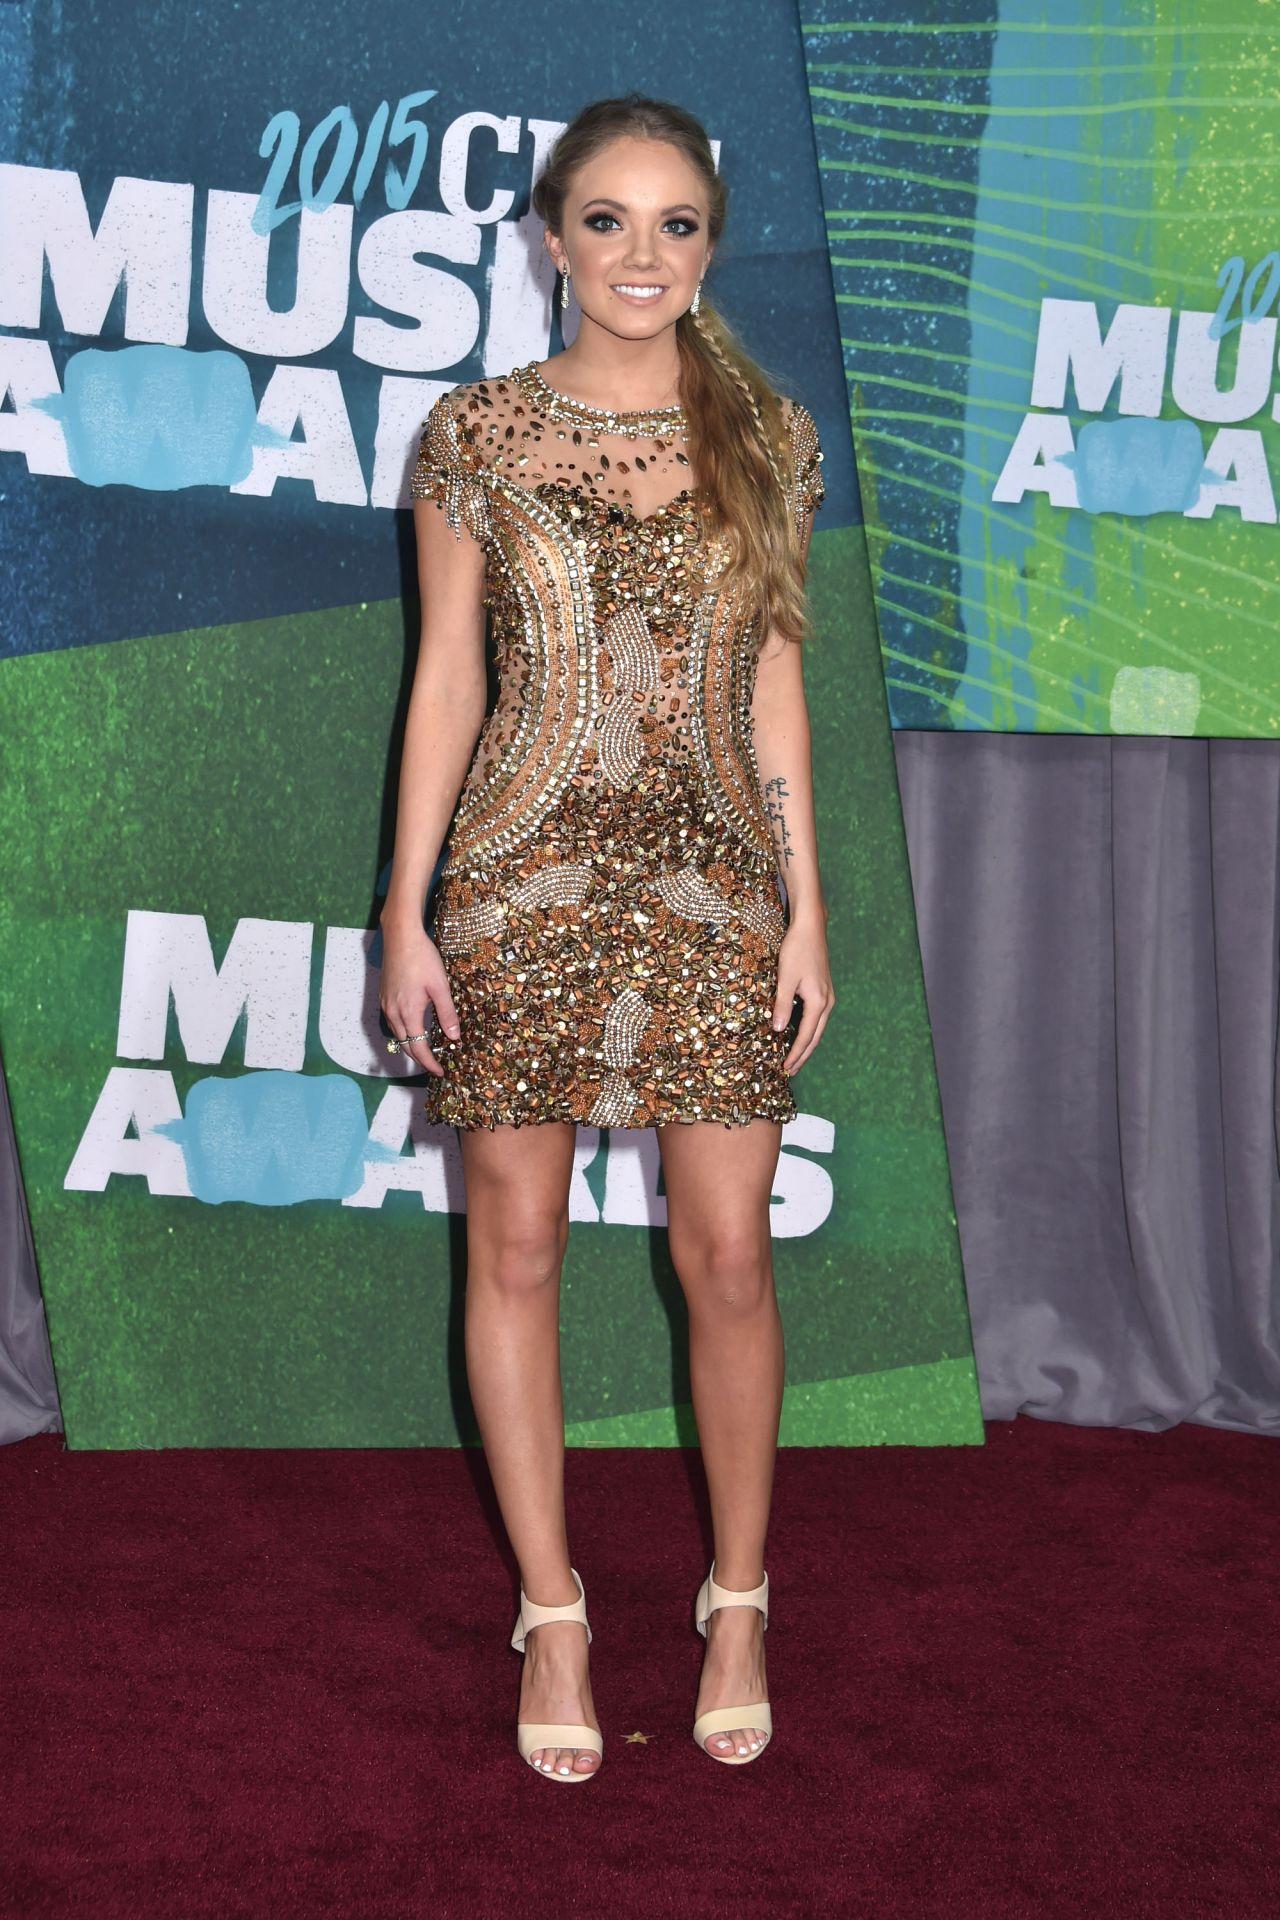 Danielle Bradbery Legs >> Danielle Bradbery - 2015 CMT Music Awards in Nashville